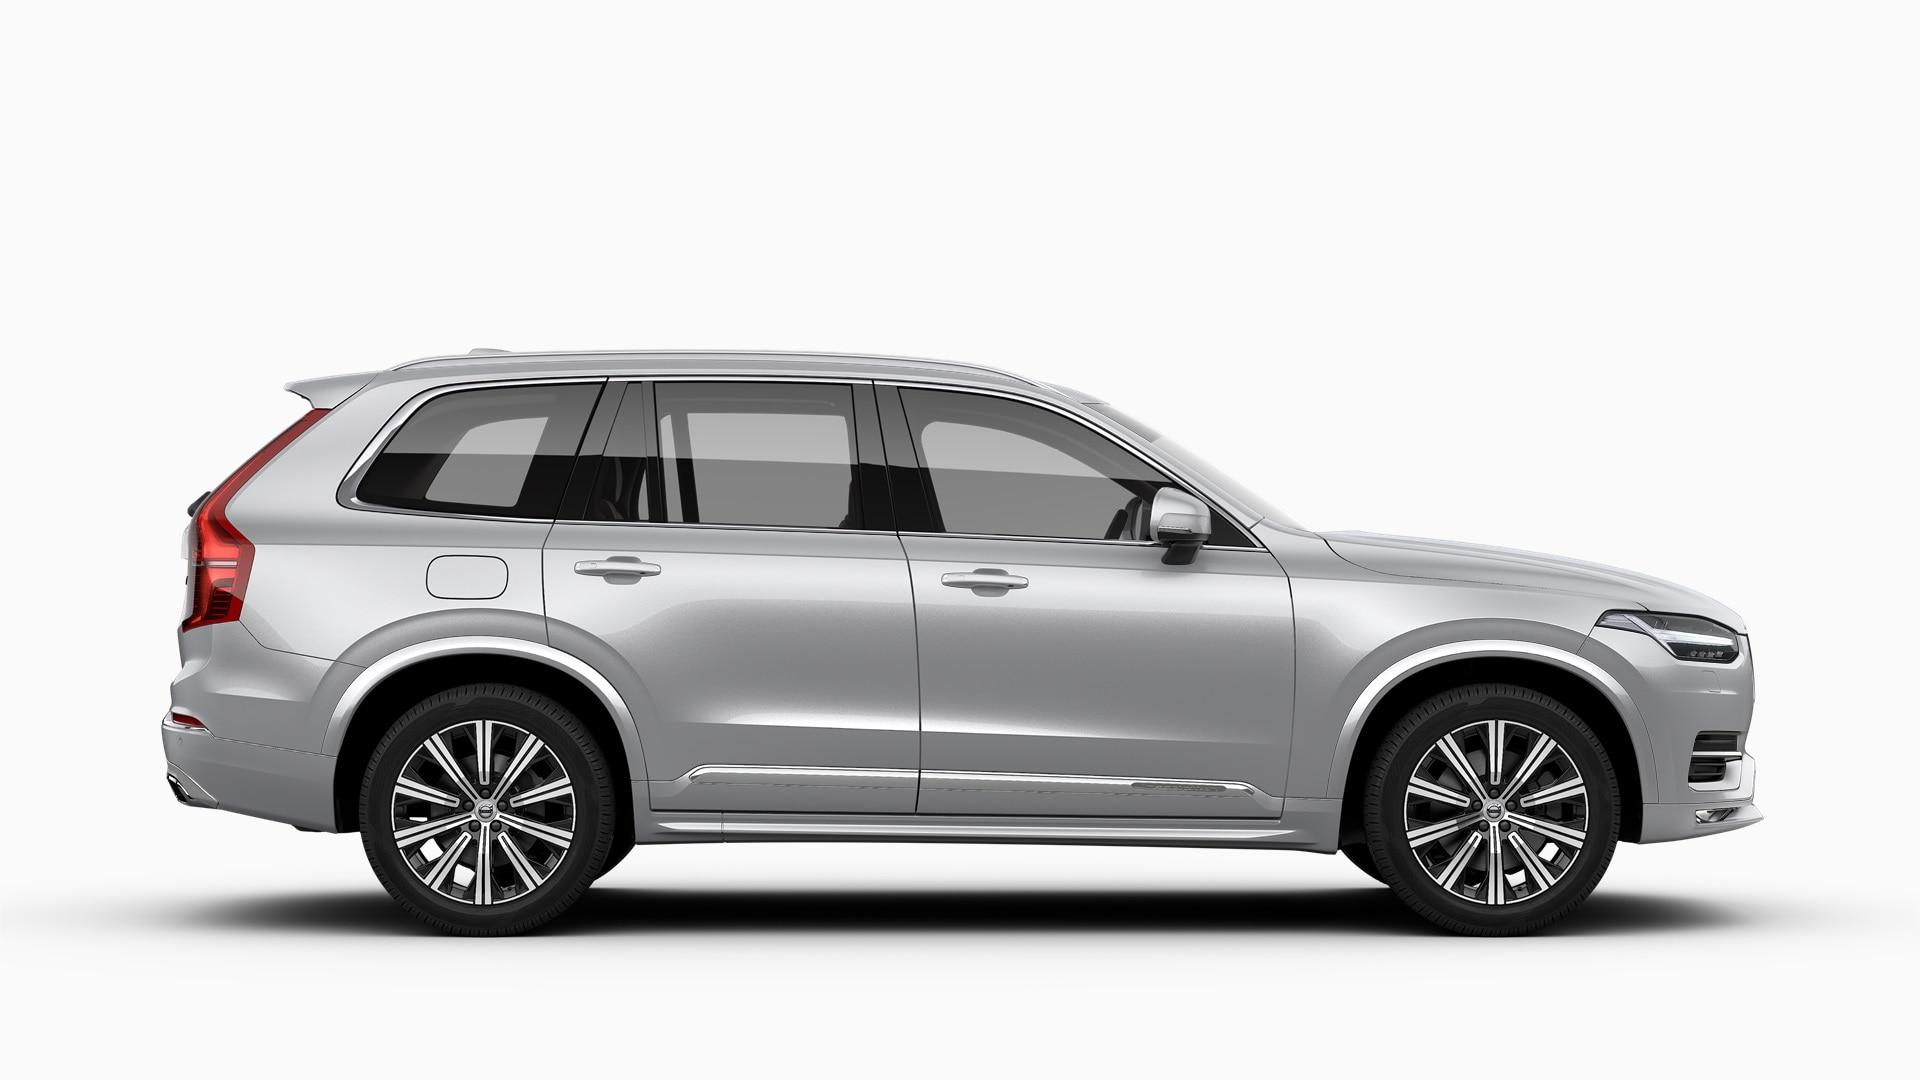 Volvo XC90 ilgalaikė automobilių nuoma | Sixt Leasing